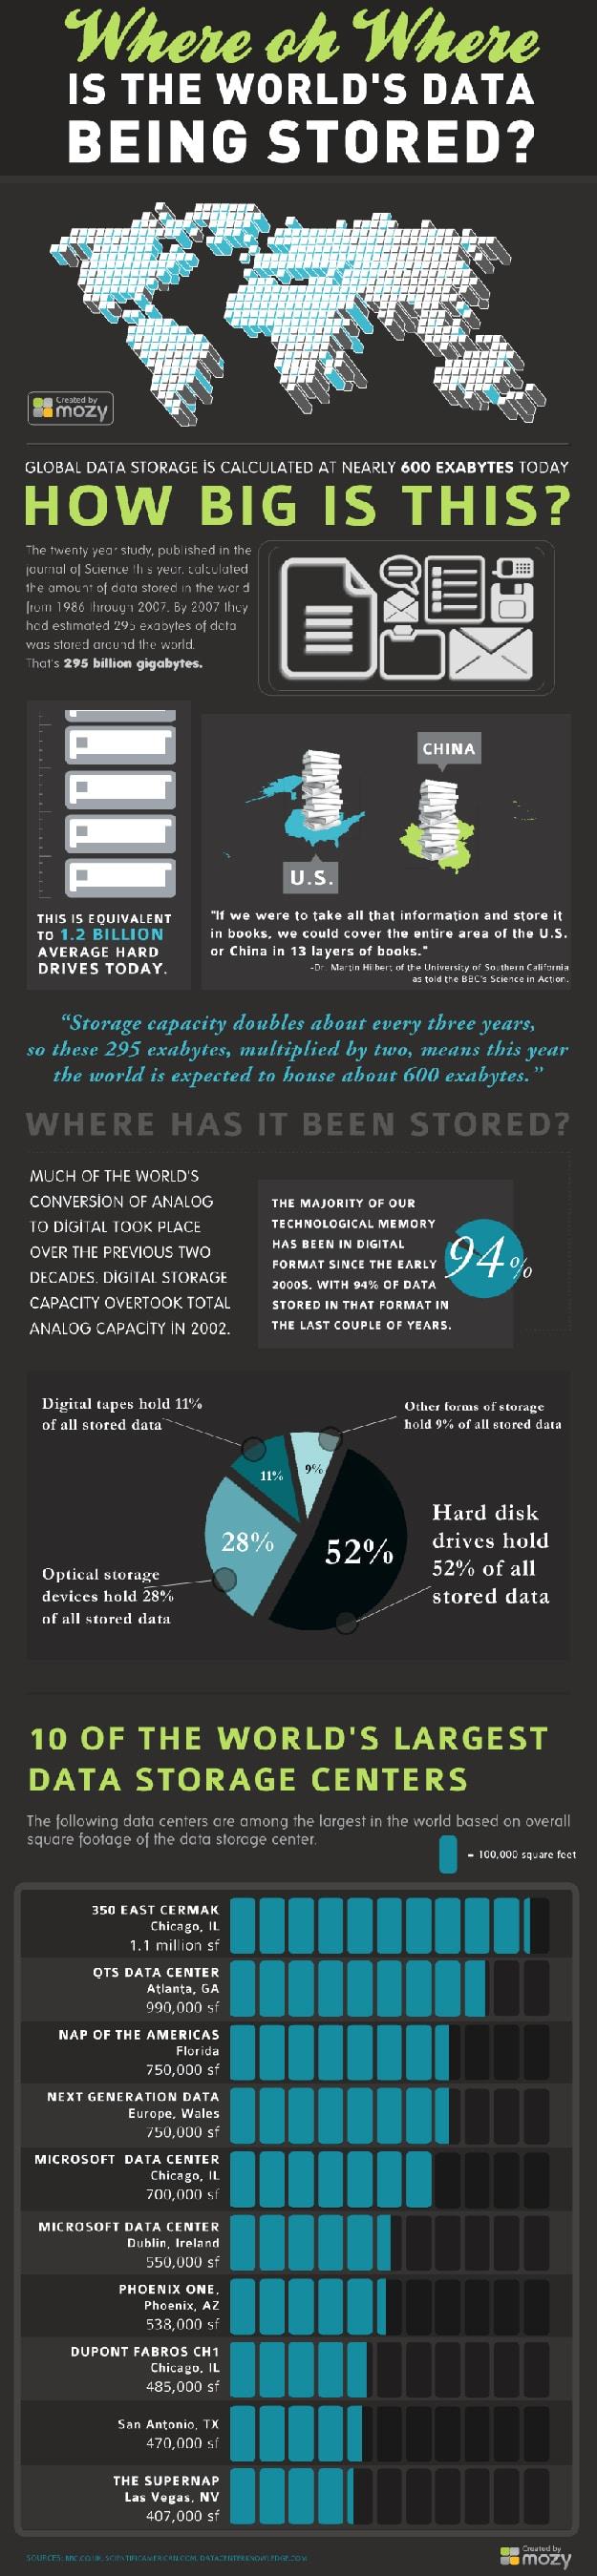 Data Storage Around The Internet